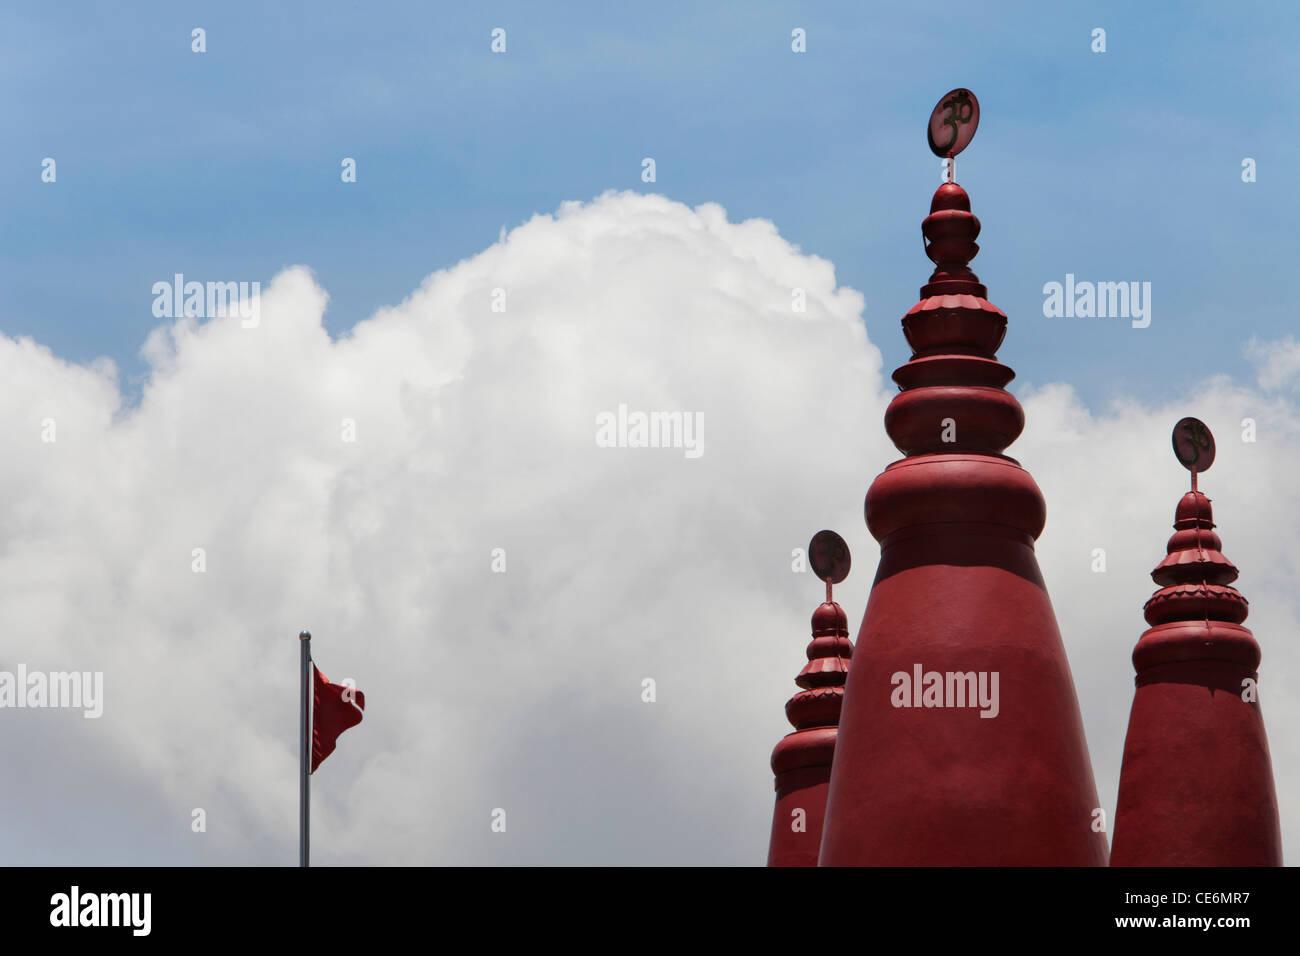 Red le torrette del tempio indù con OM in sanscrito sulla parte superiore Immagini Stock